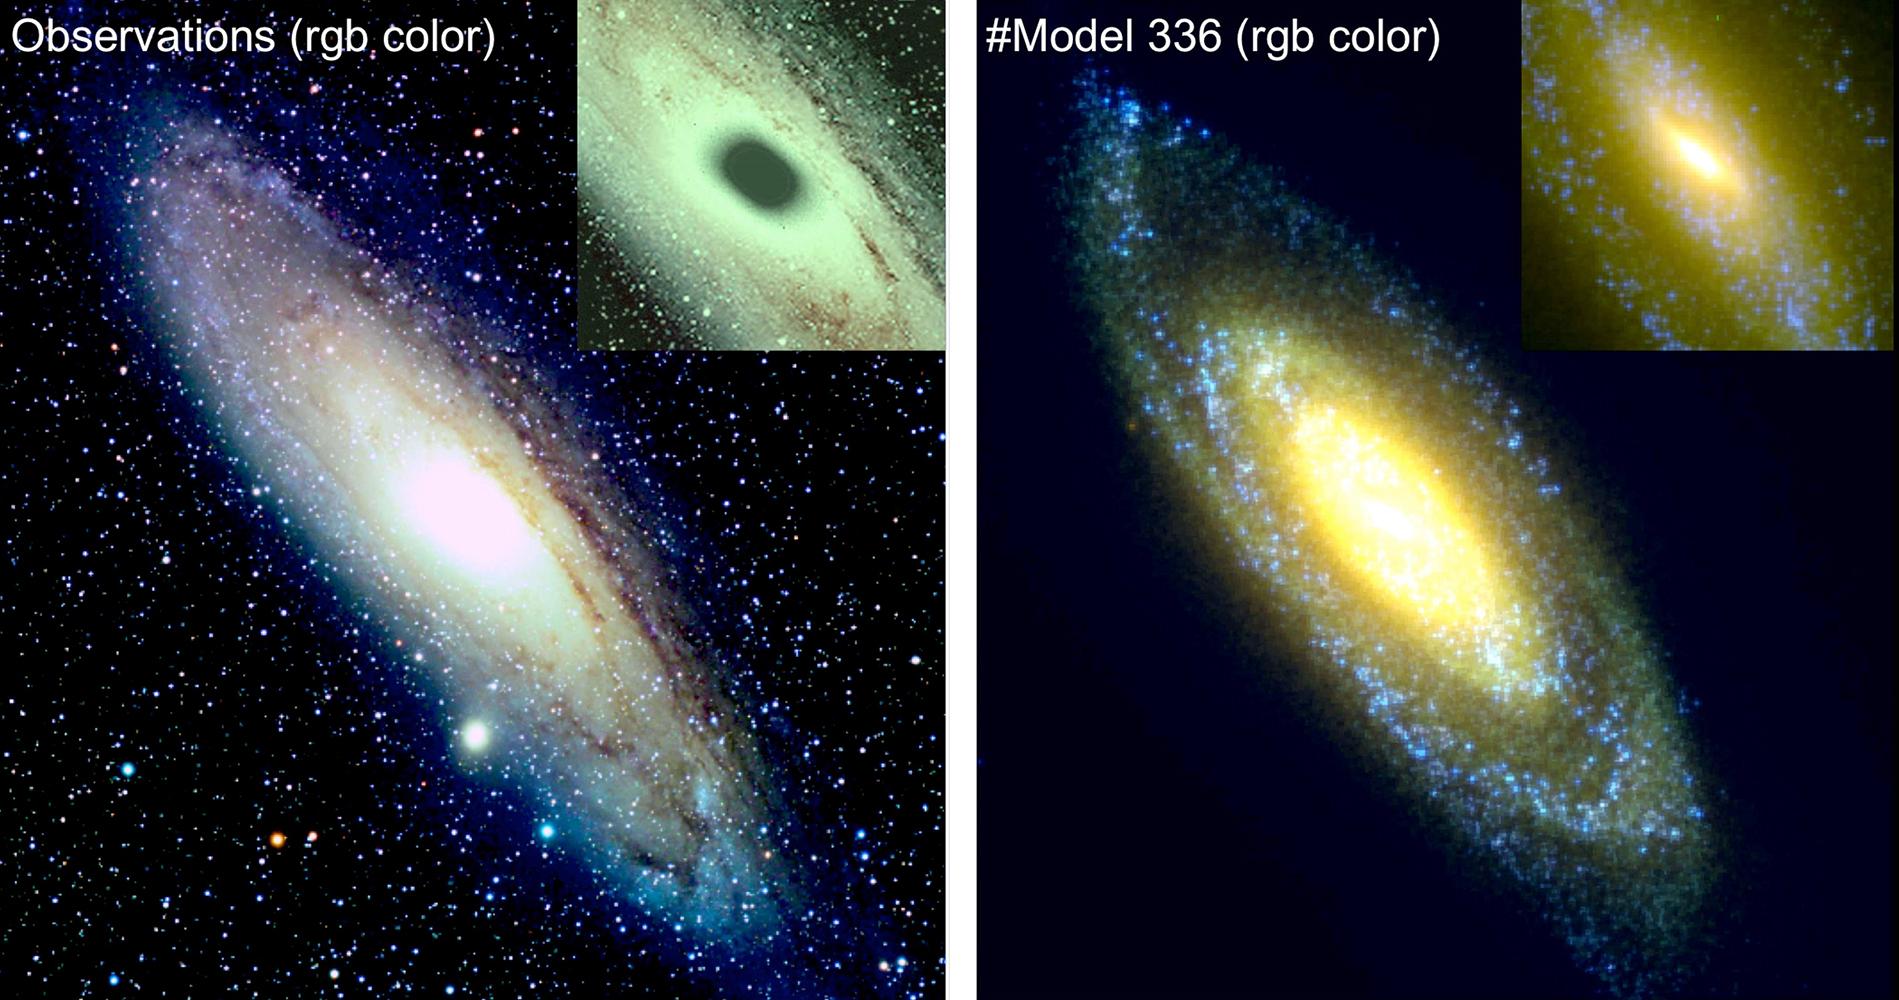 Vues comparées en vraies couleurs de la galaxie d'Andromède